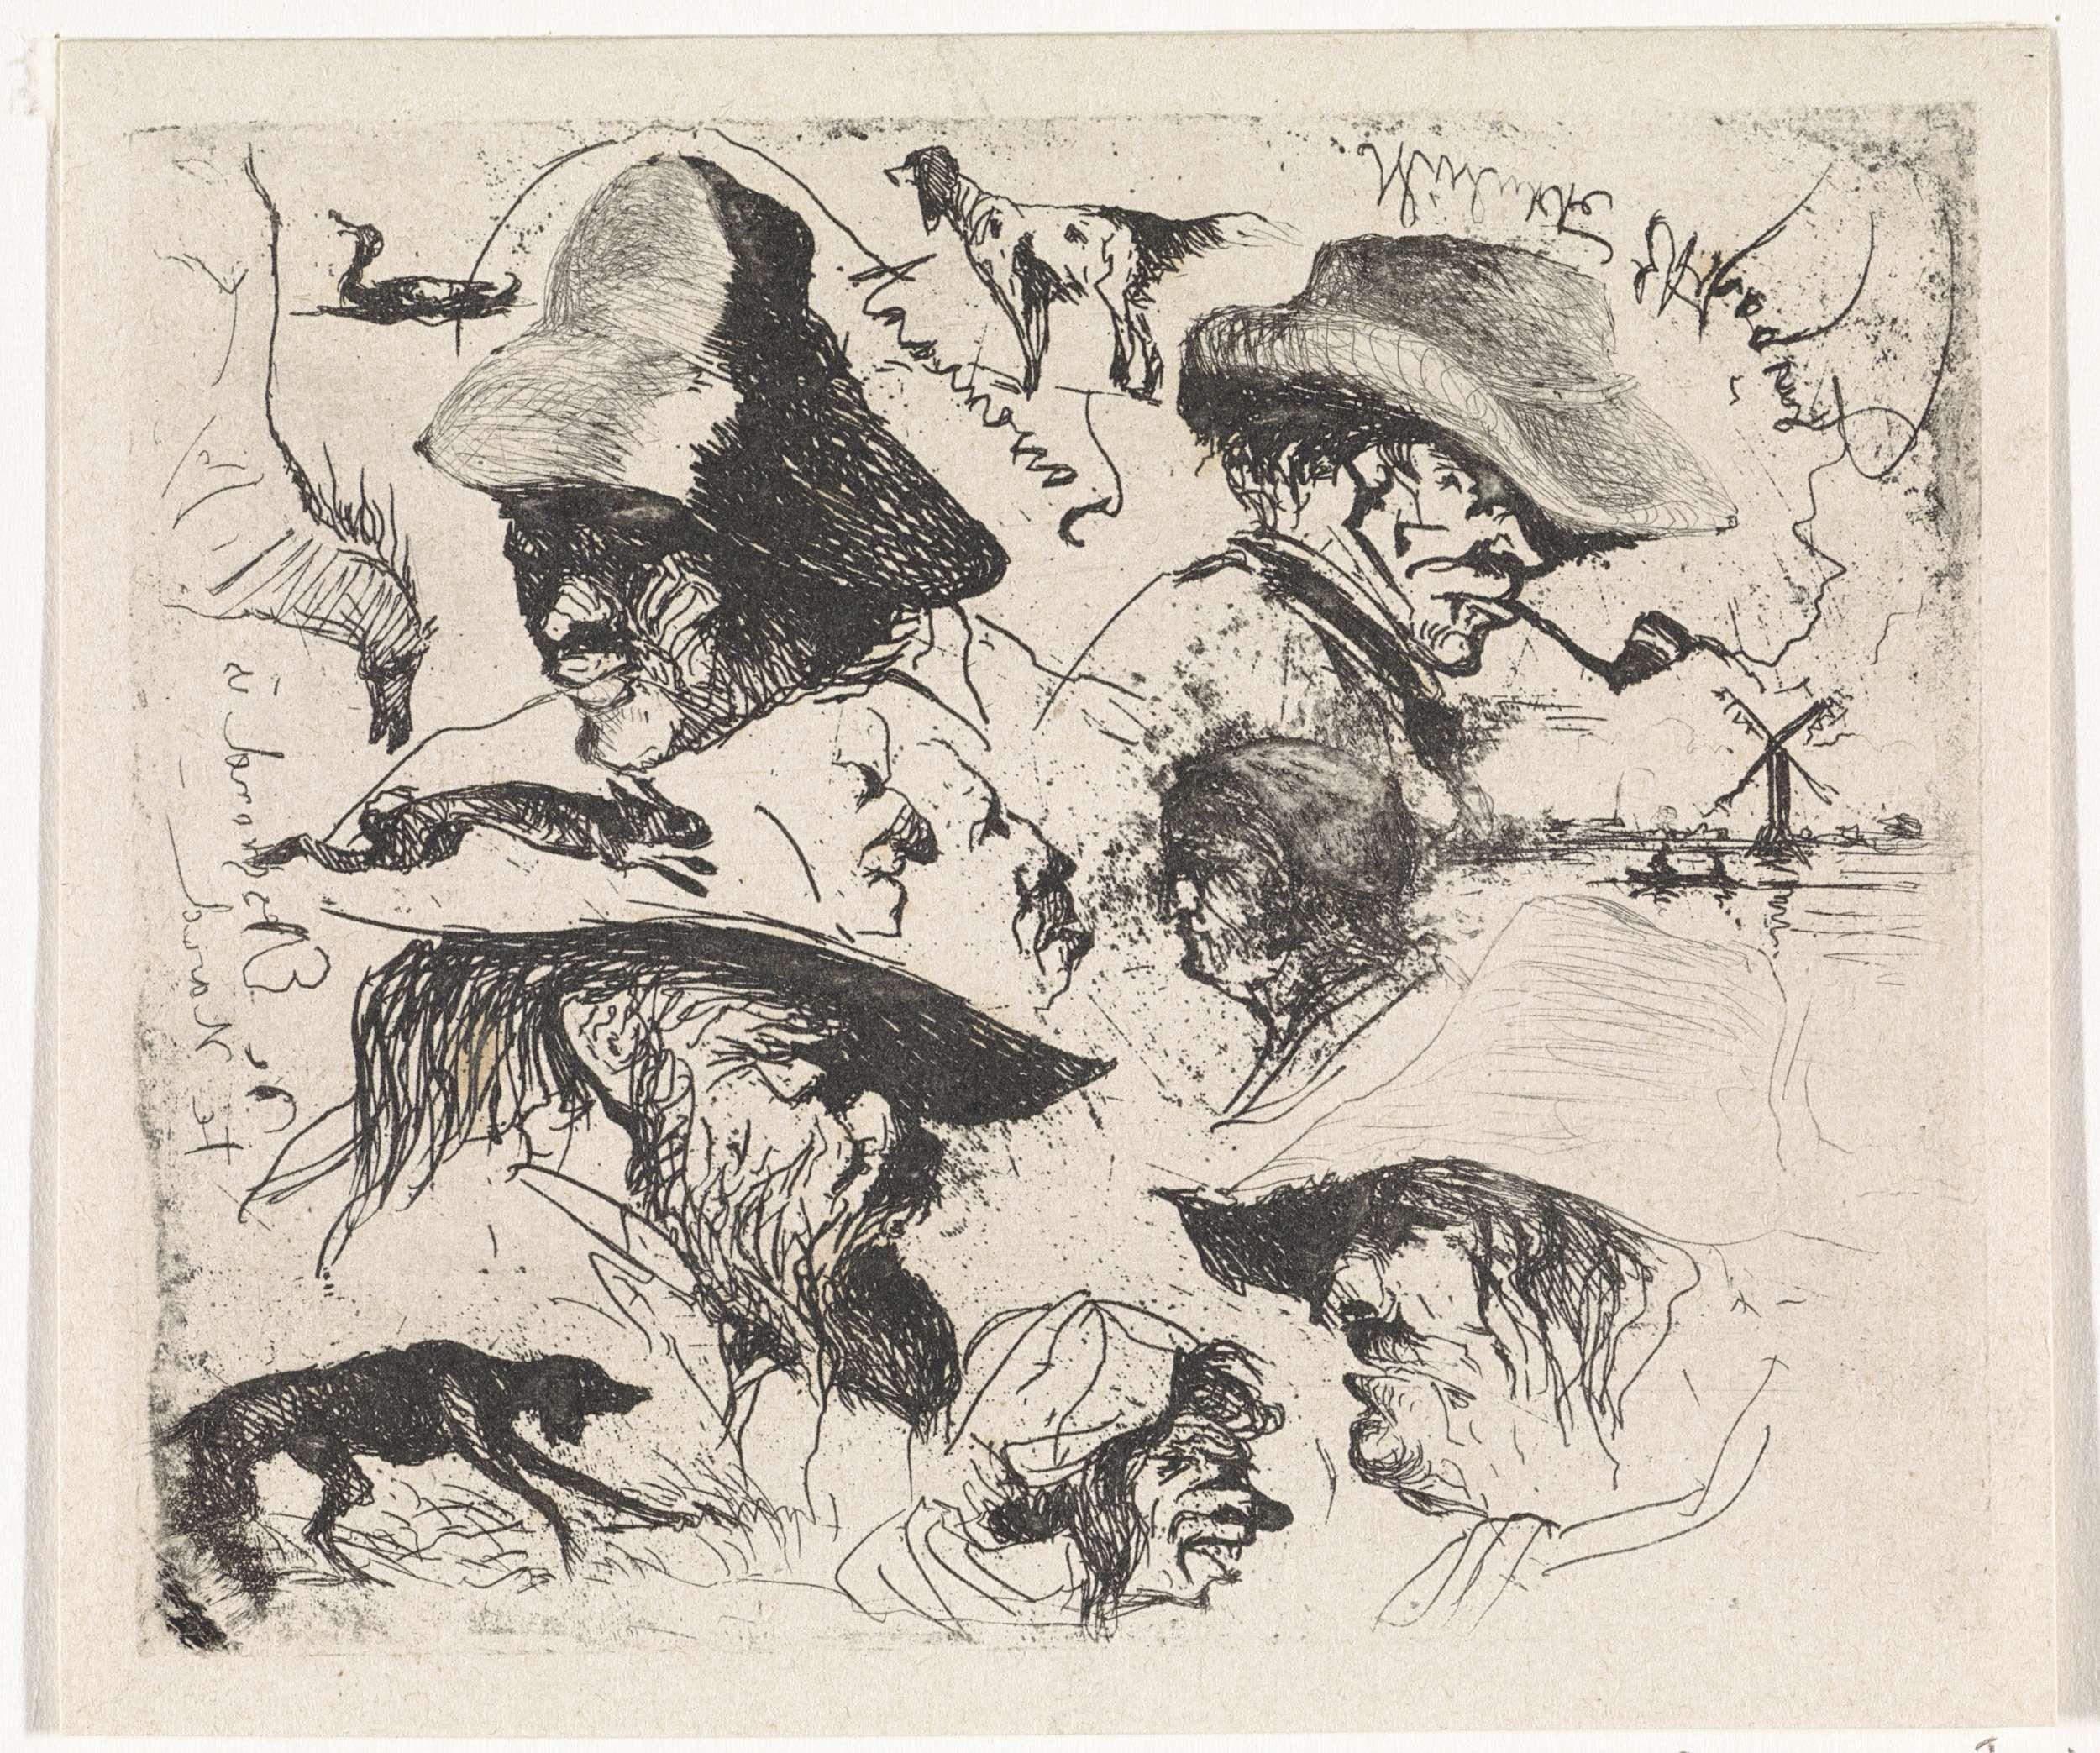 Johannes Tavenraat   Allerlei bij avond gemaakt, Johannes Tavenraat, 1819 - 1881   Studieblad met verschillende mannengezichten met hoofddeksels. Linksonder een hond. Midden rechts een molen aan het water.